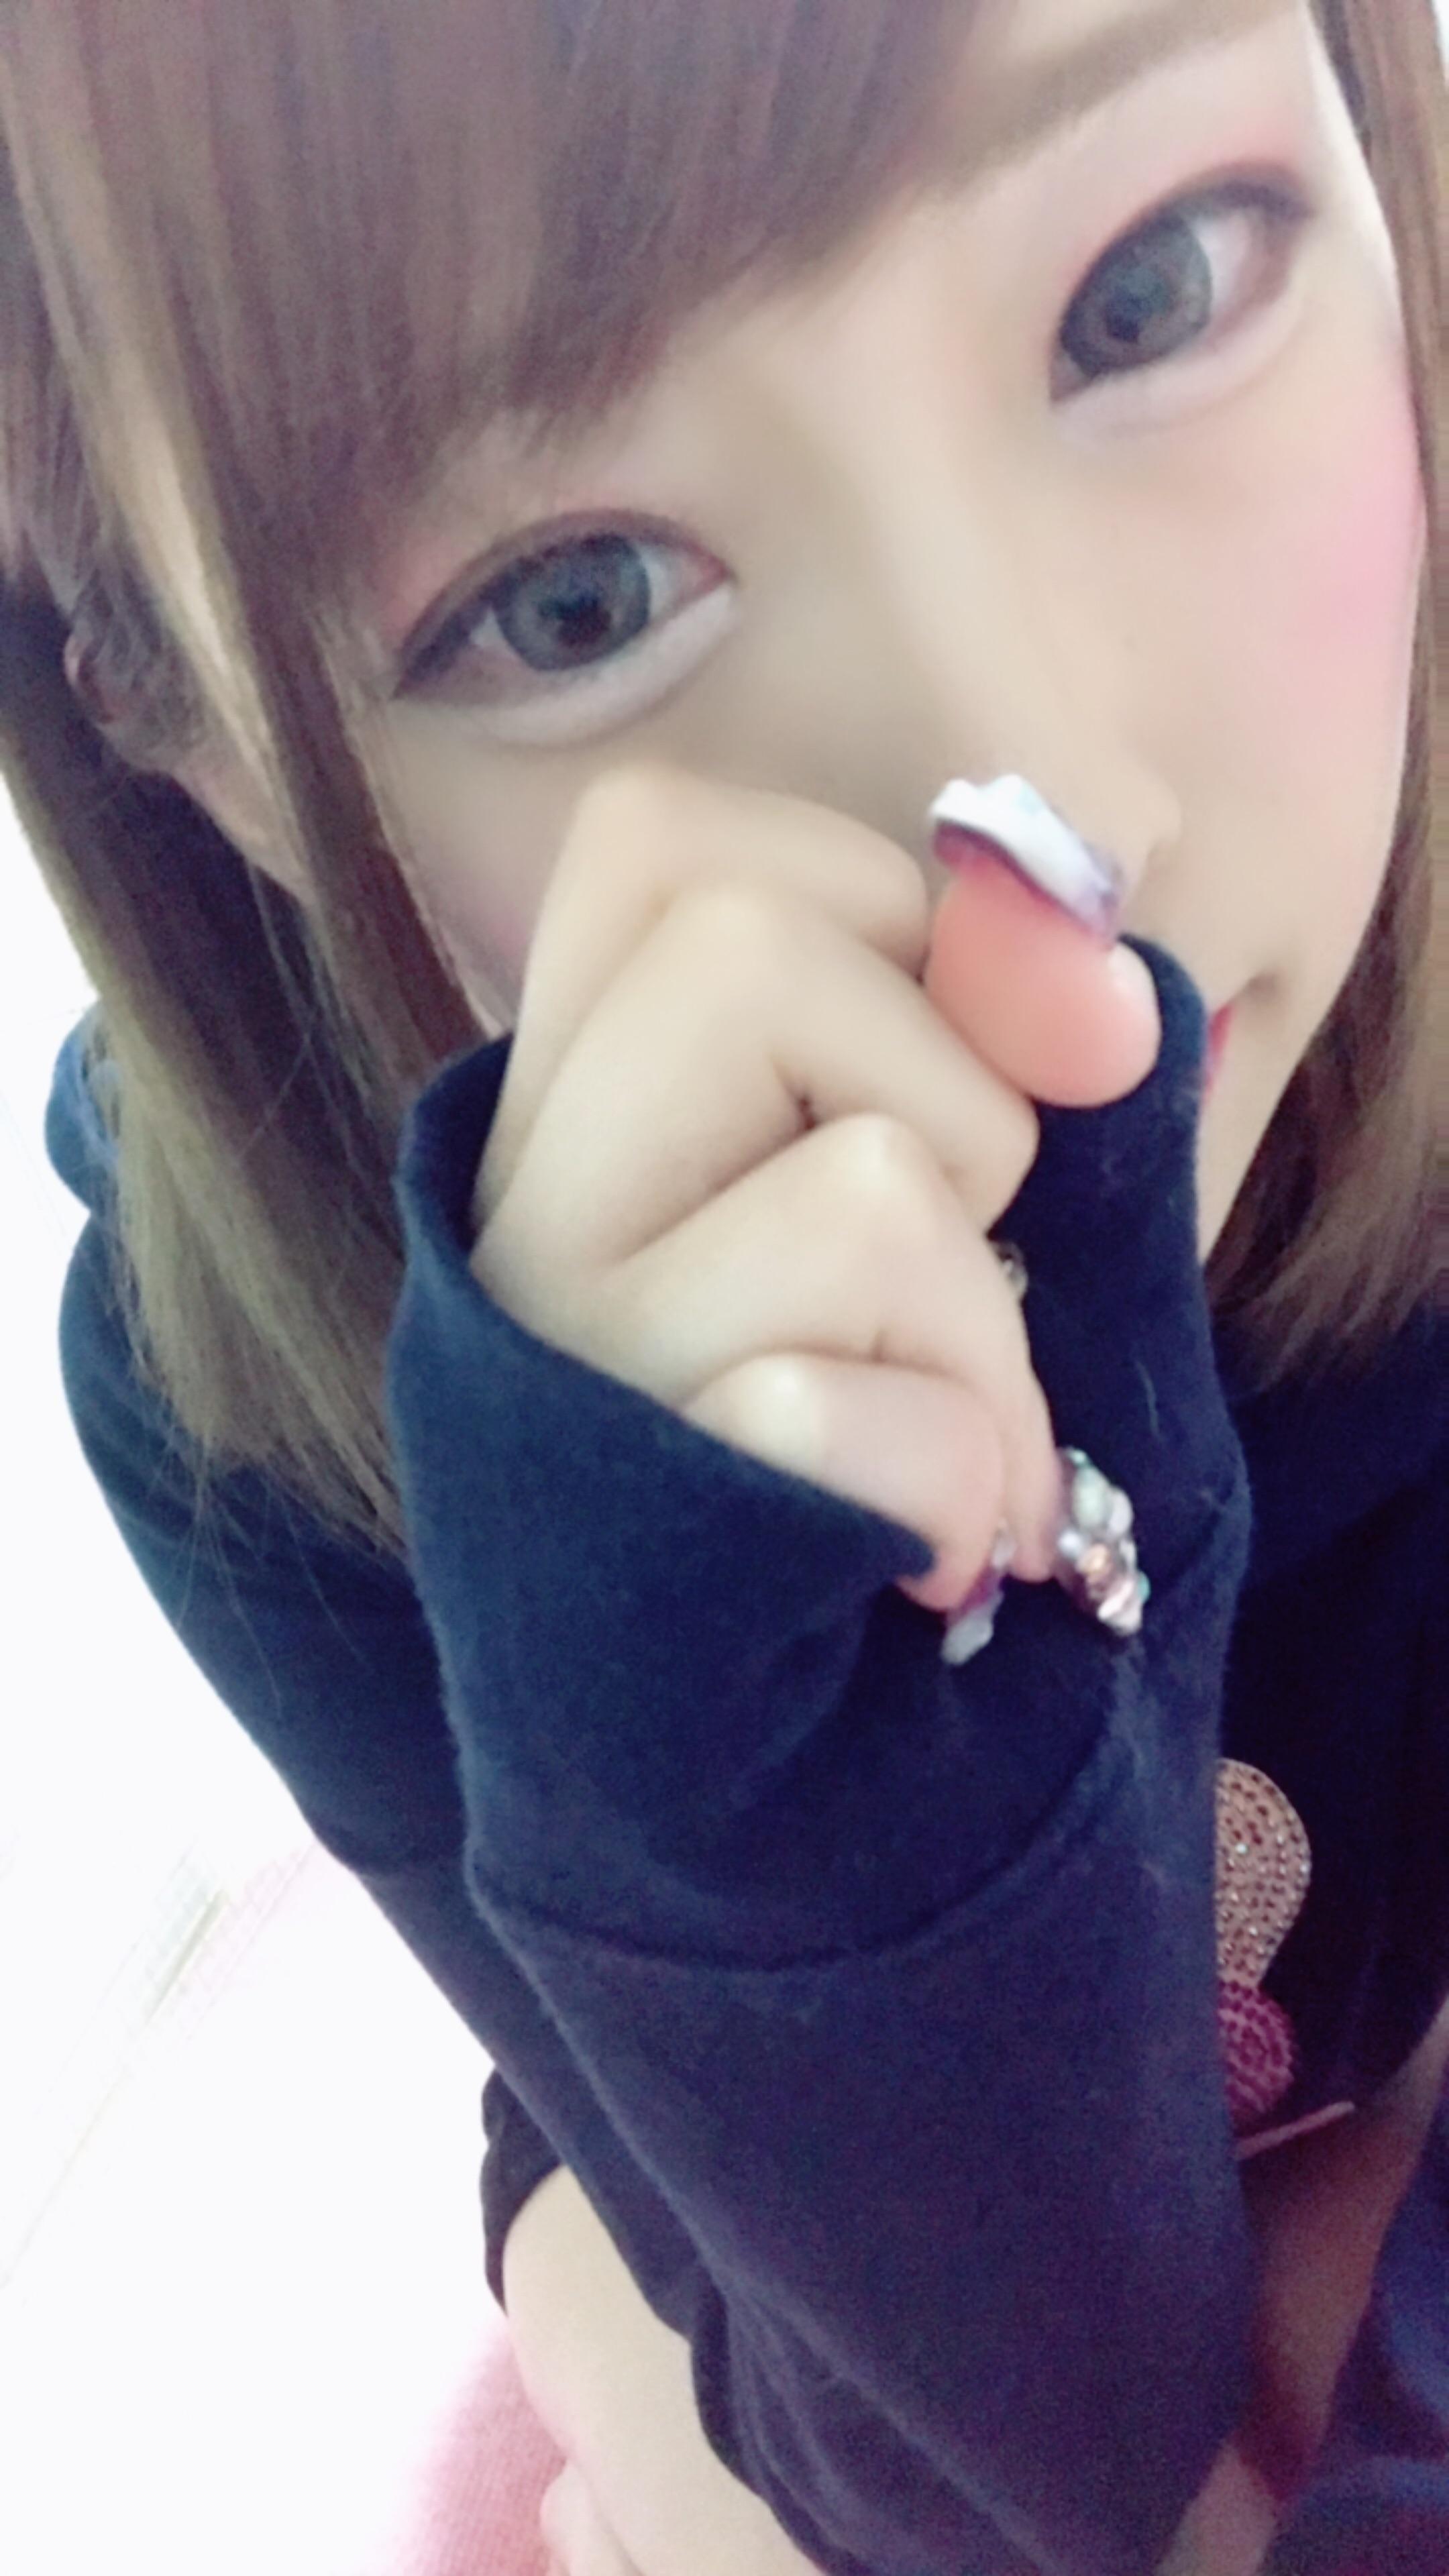 「リピ様ありがとう?」09/23(09/23) 22:20 | 胡桃ひな(60分15千円)の写メ・風俗動画